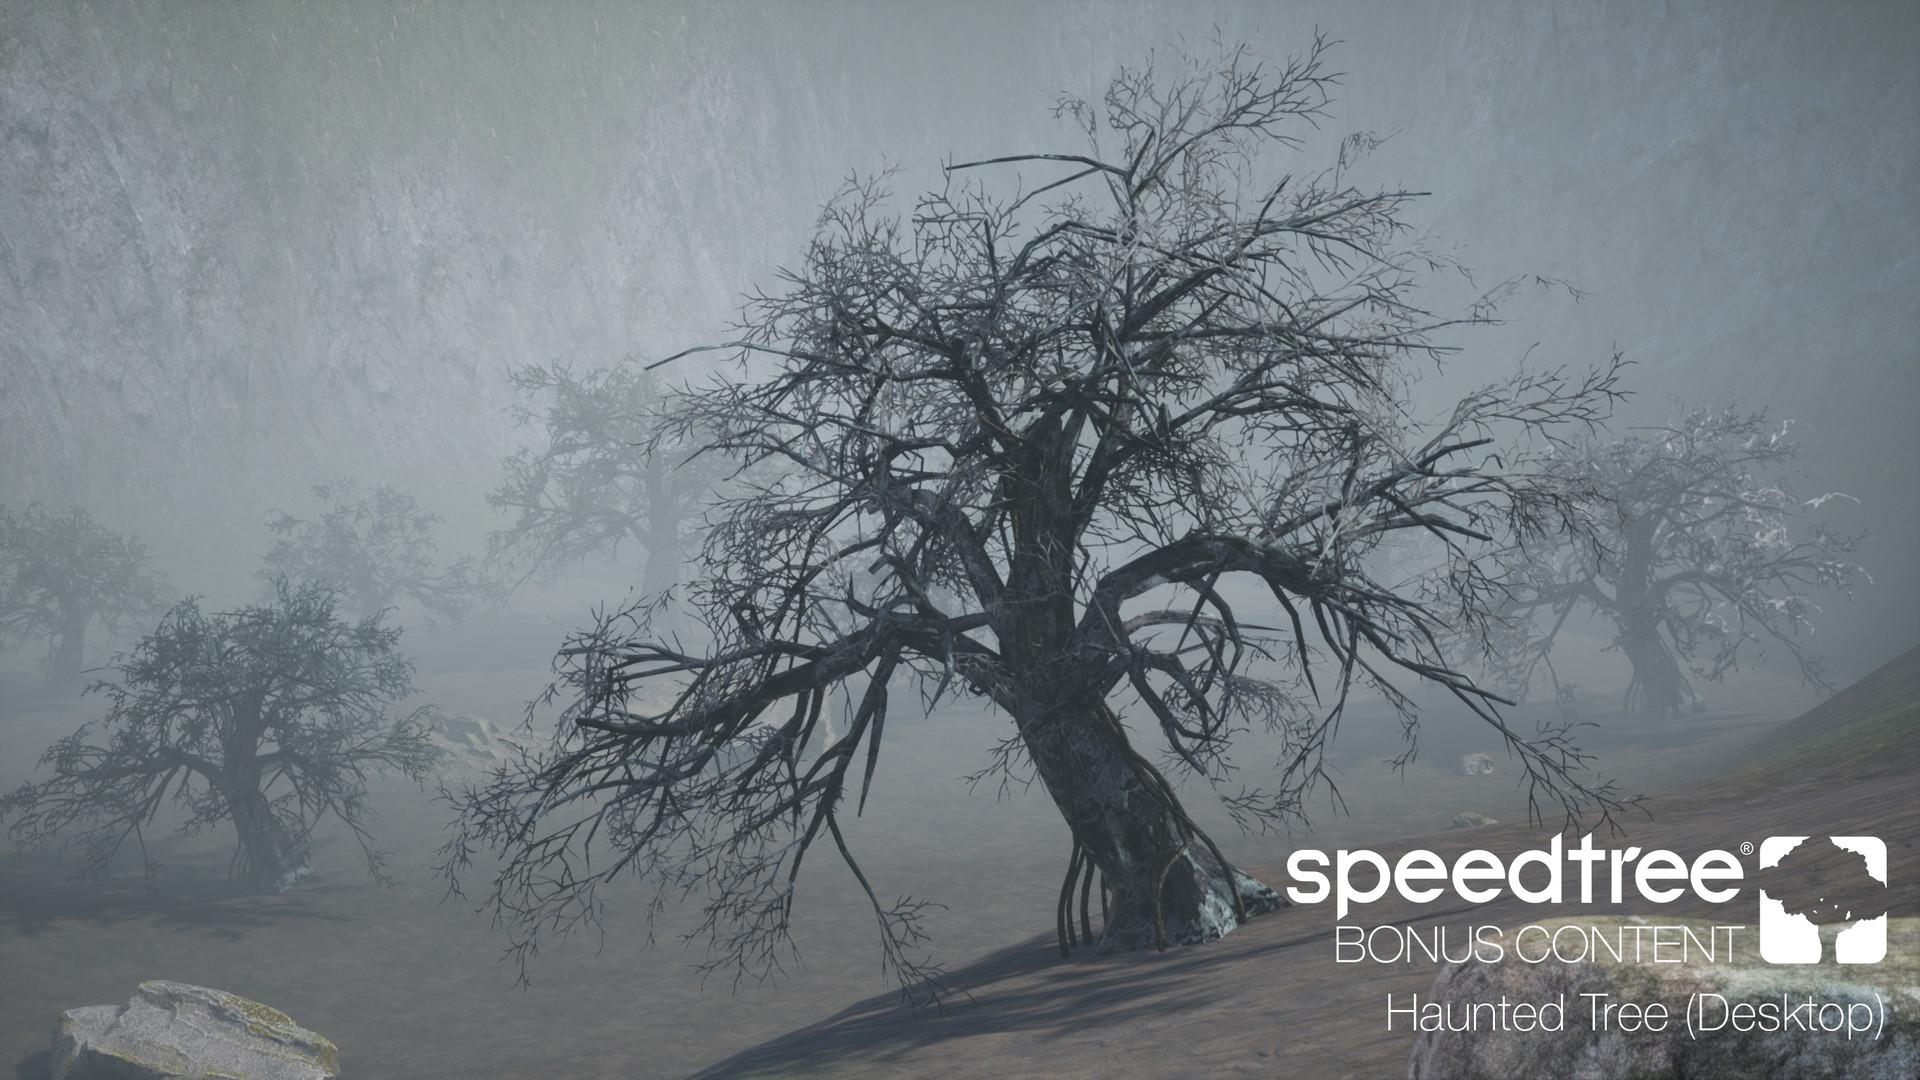 ArtStation - October SpeedTree Bonus Content (Spooky Environment